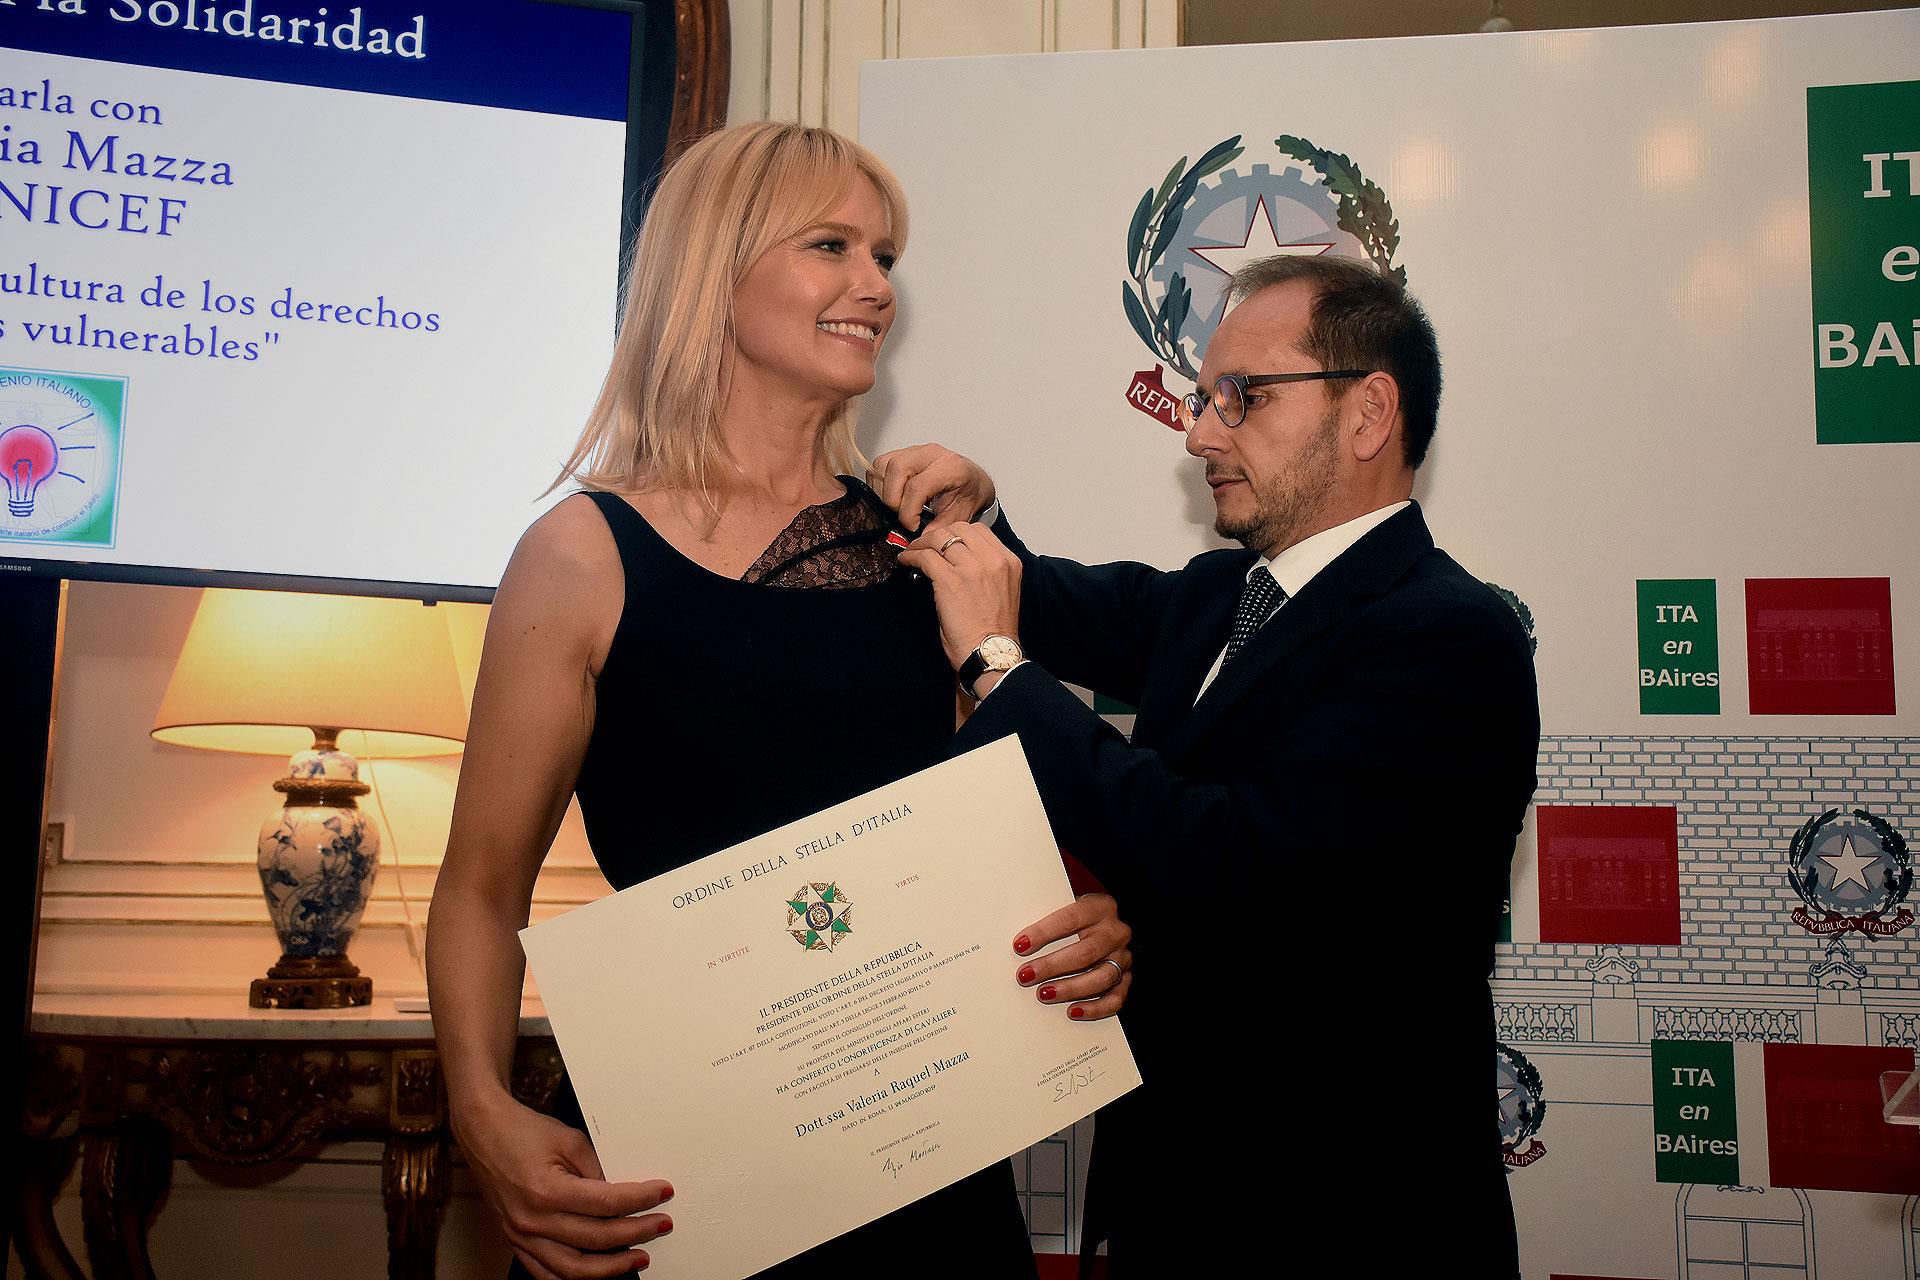 El momento en que Valeria Mazza recibe la condecoración, de manos del embajador de Italia